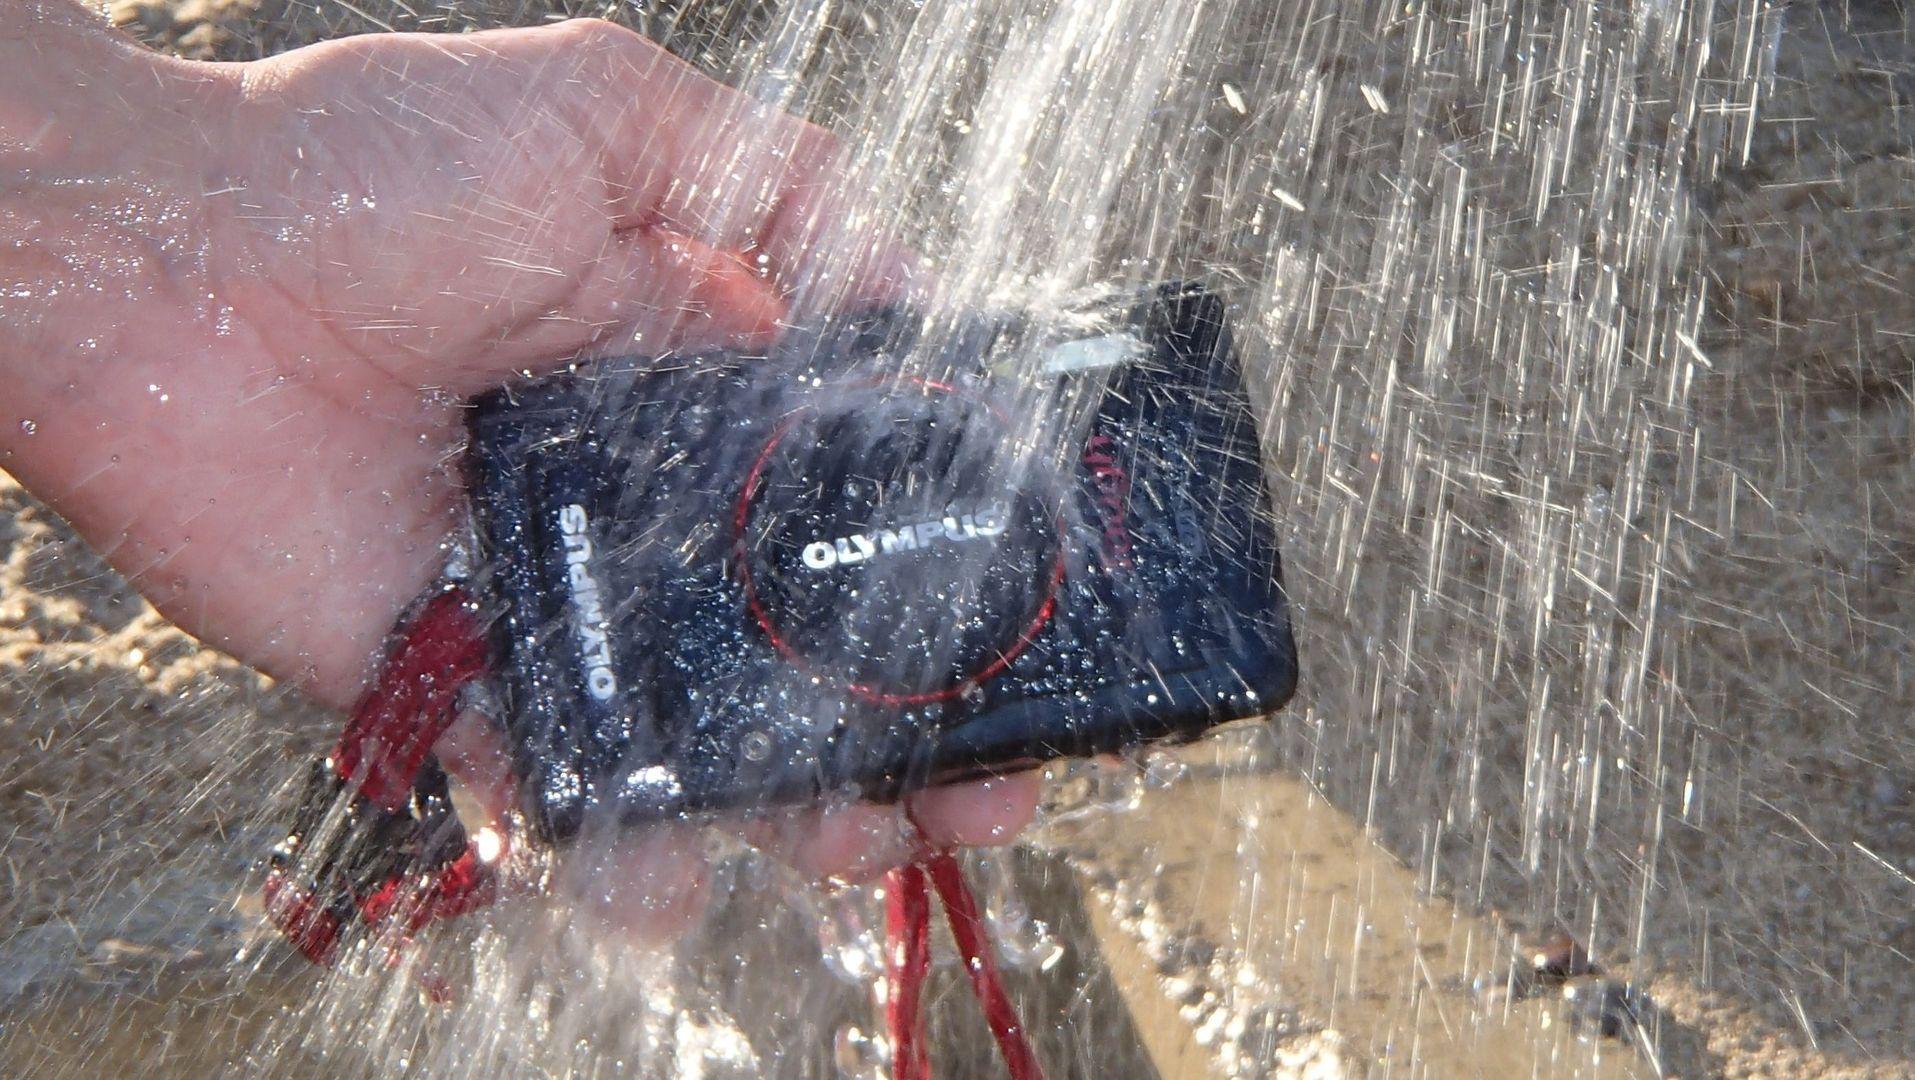 Olympus TG 3 - Im Wassertest - Reinigung nach dem tauchen